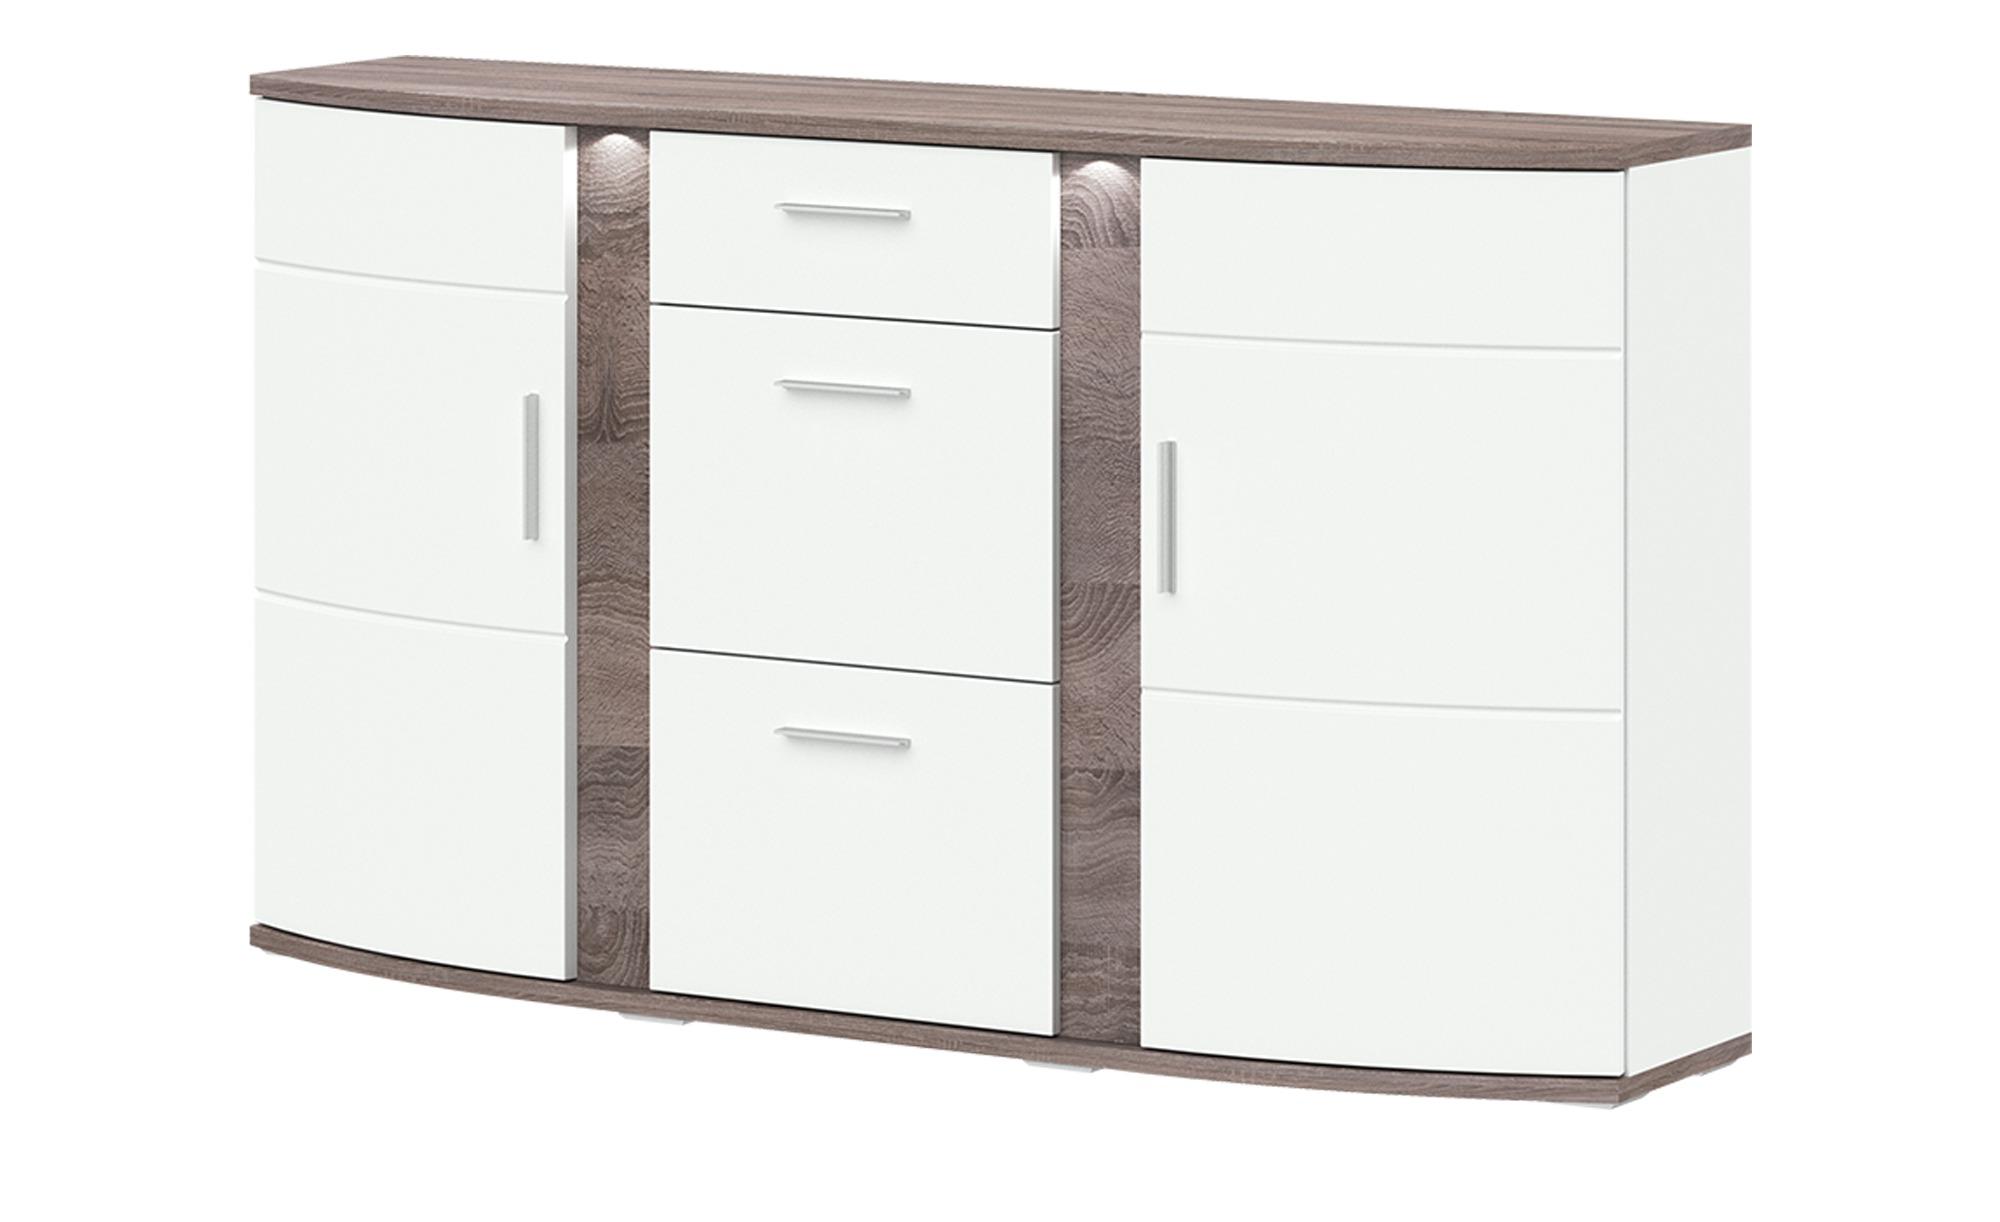 Uno Sideboard Gabbro Breite: 164 Cm Höhe: 94 Cm Weiß